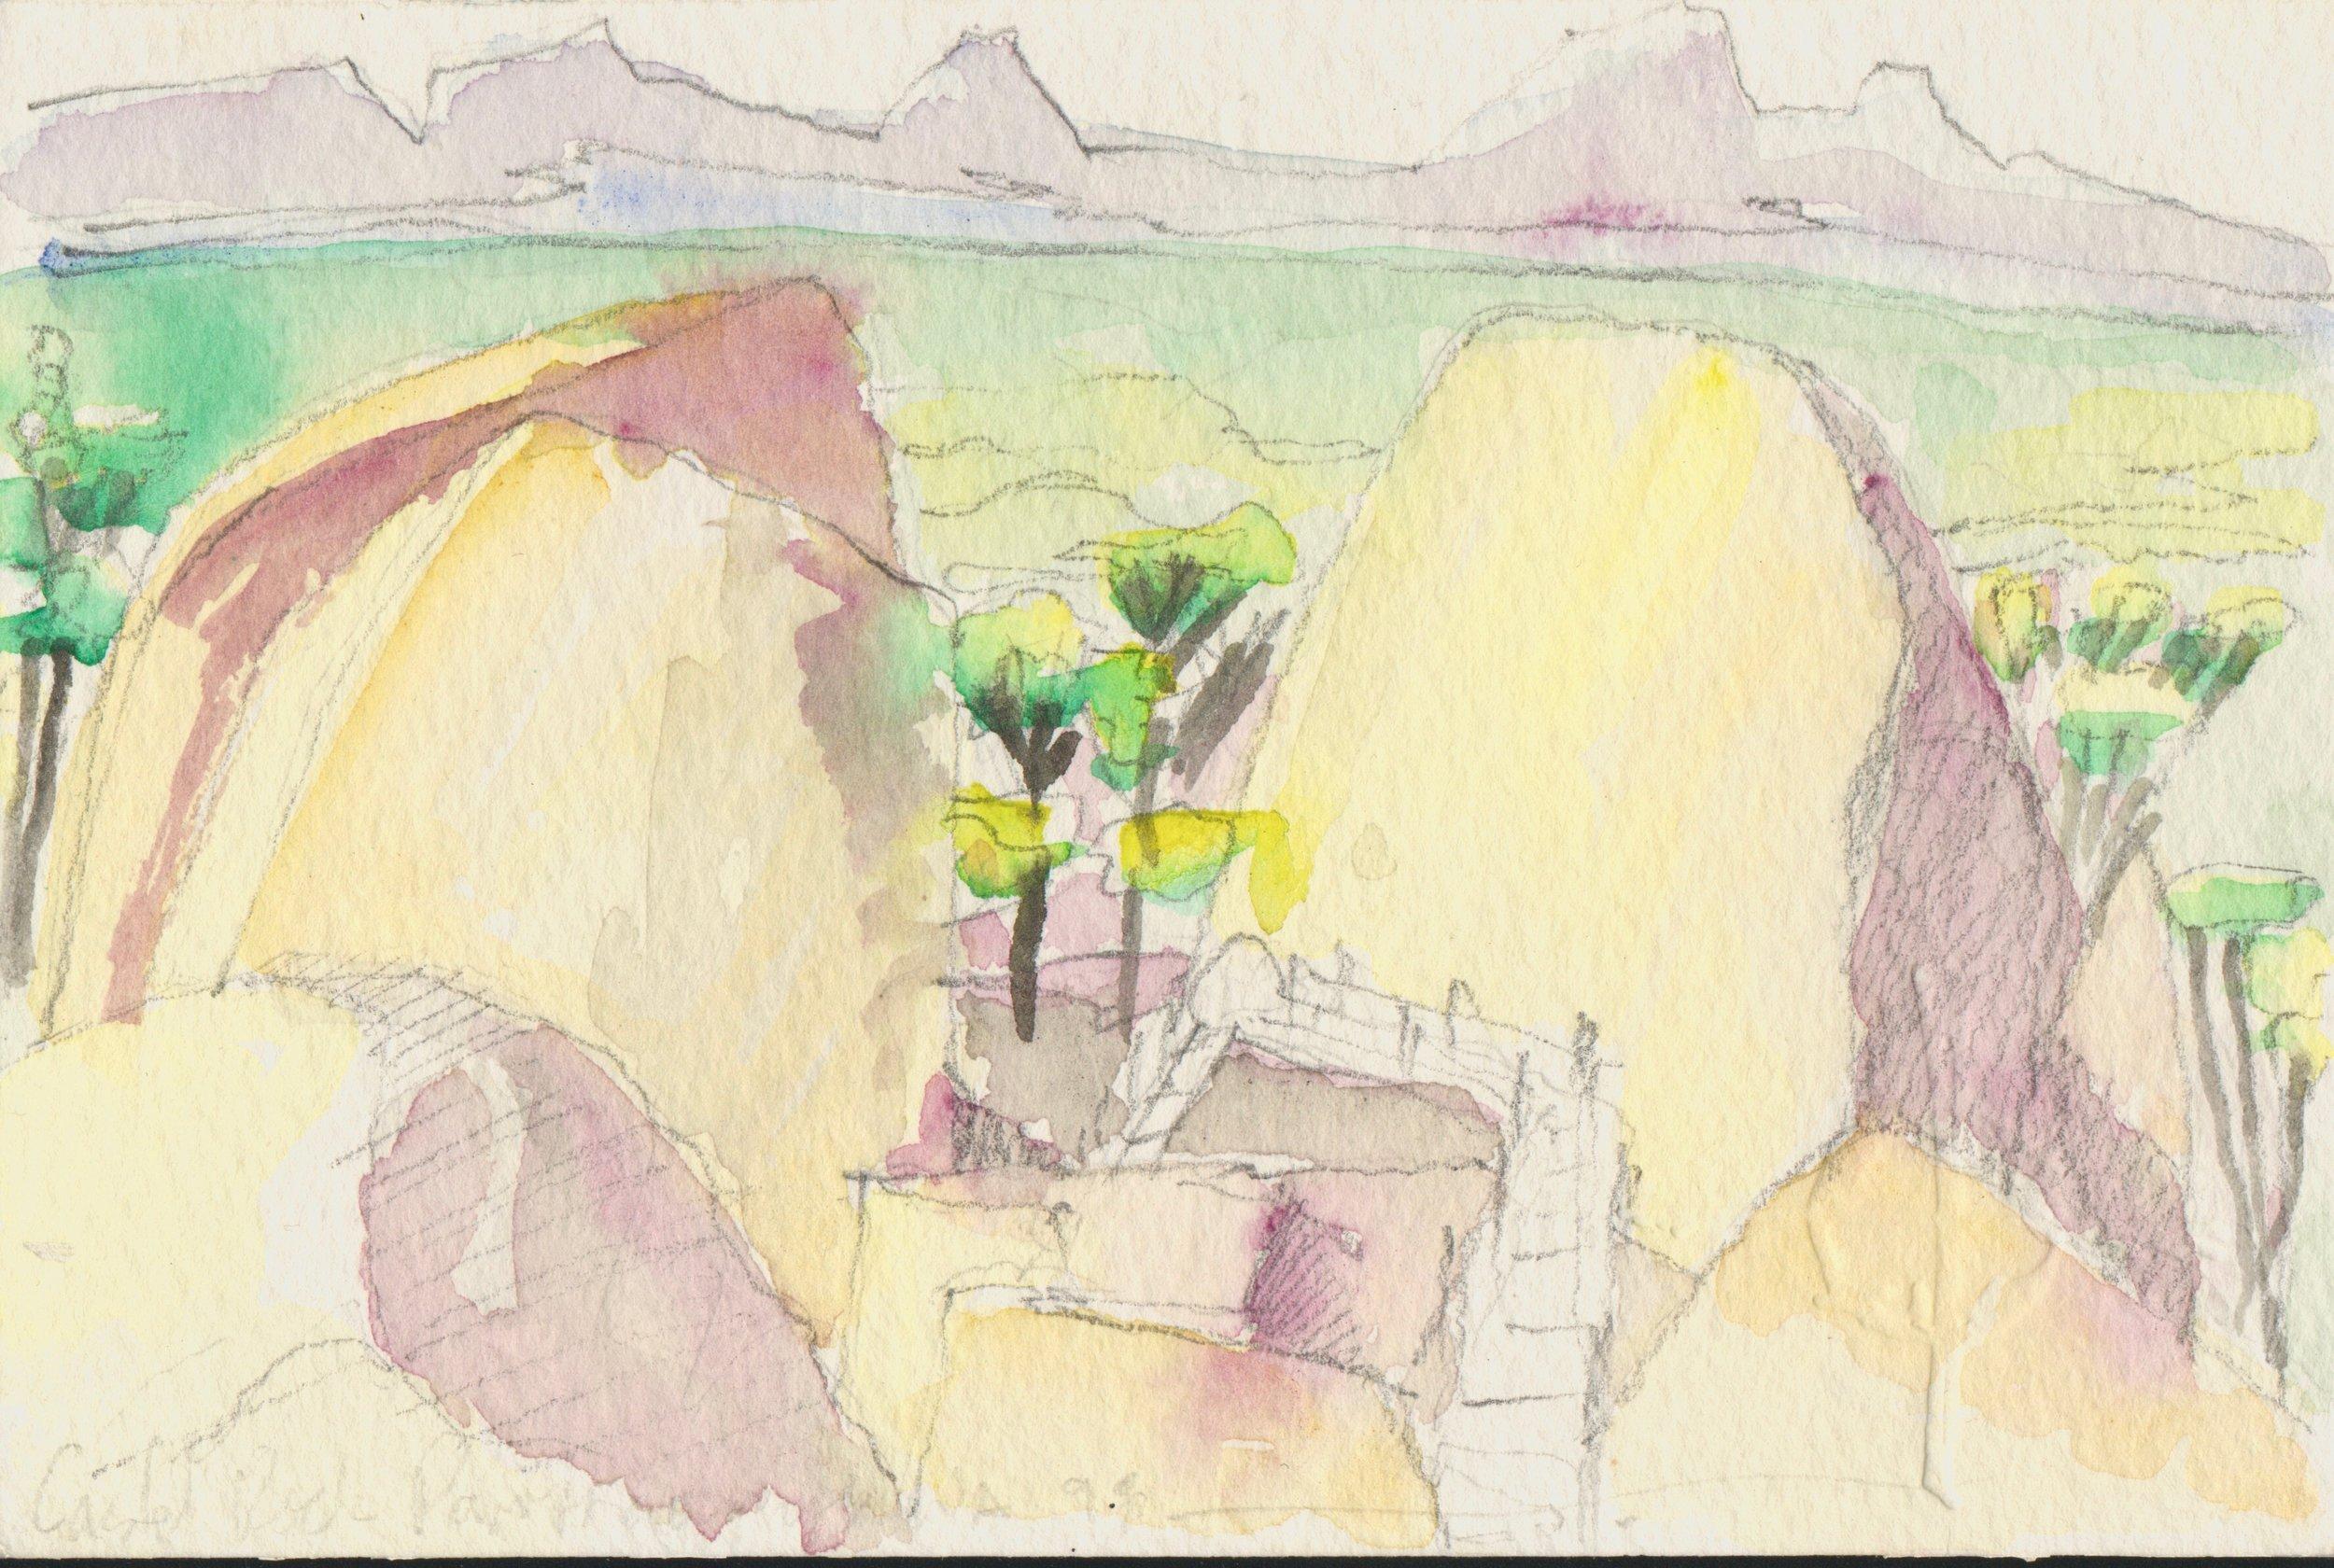 Castle Rock 1, W.A. 98-181211-0001.jpg